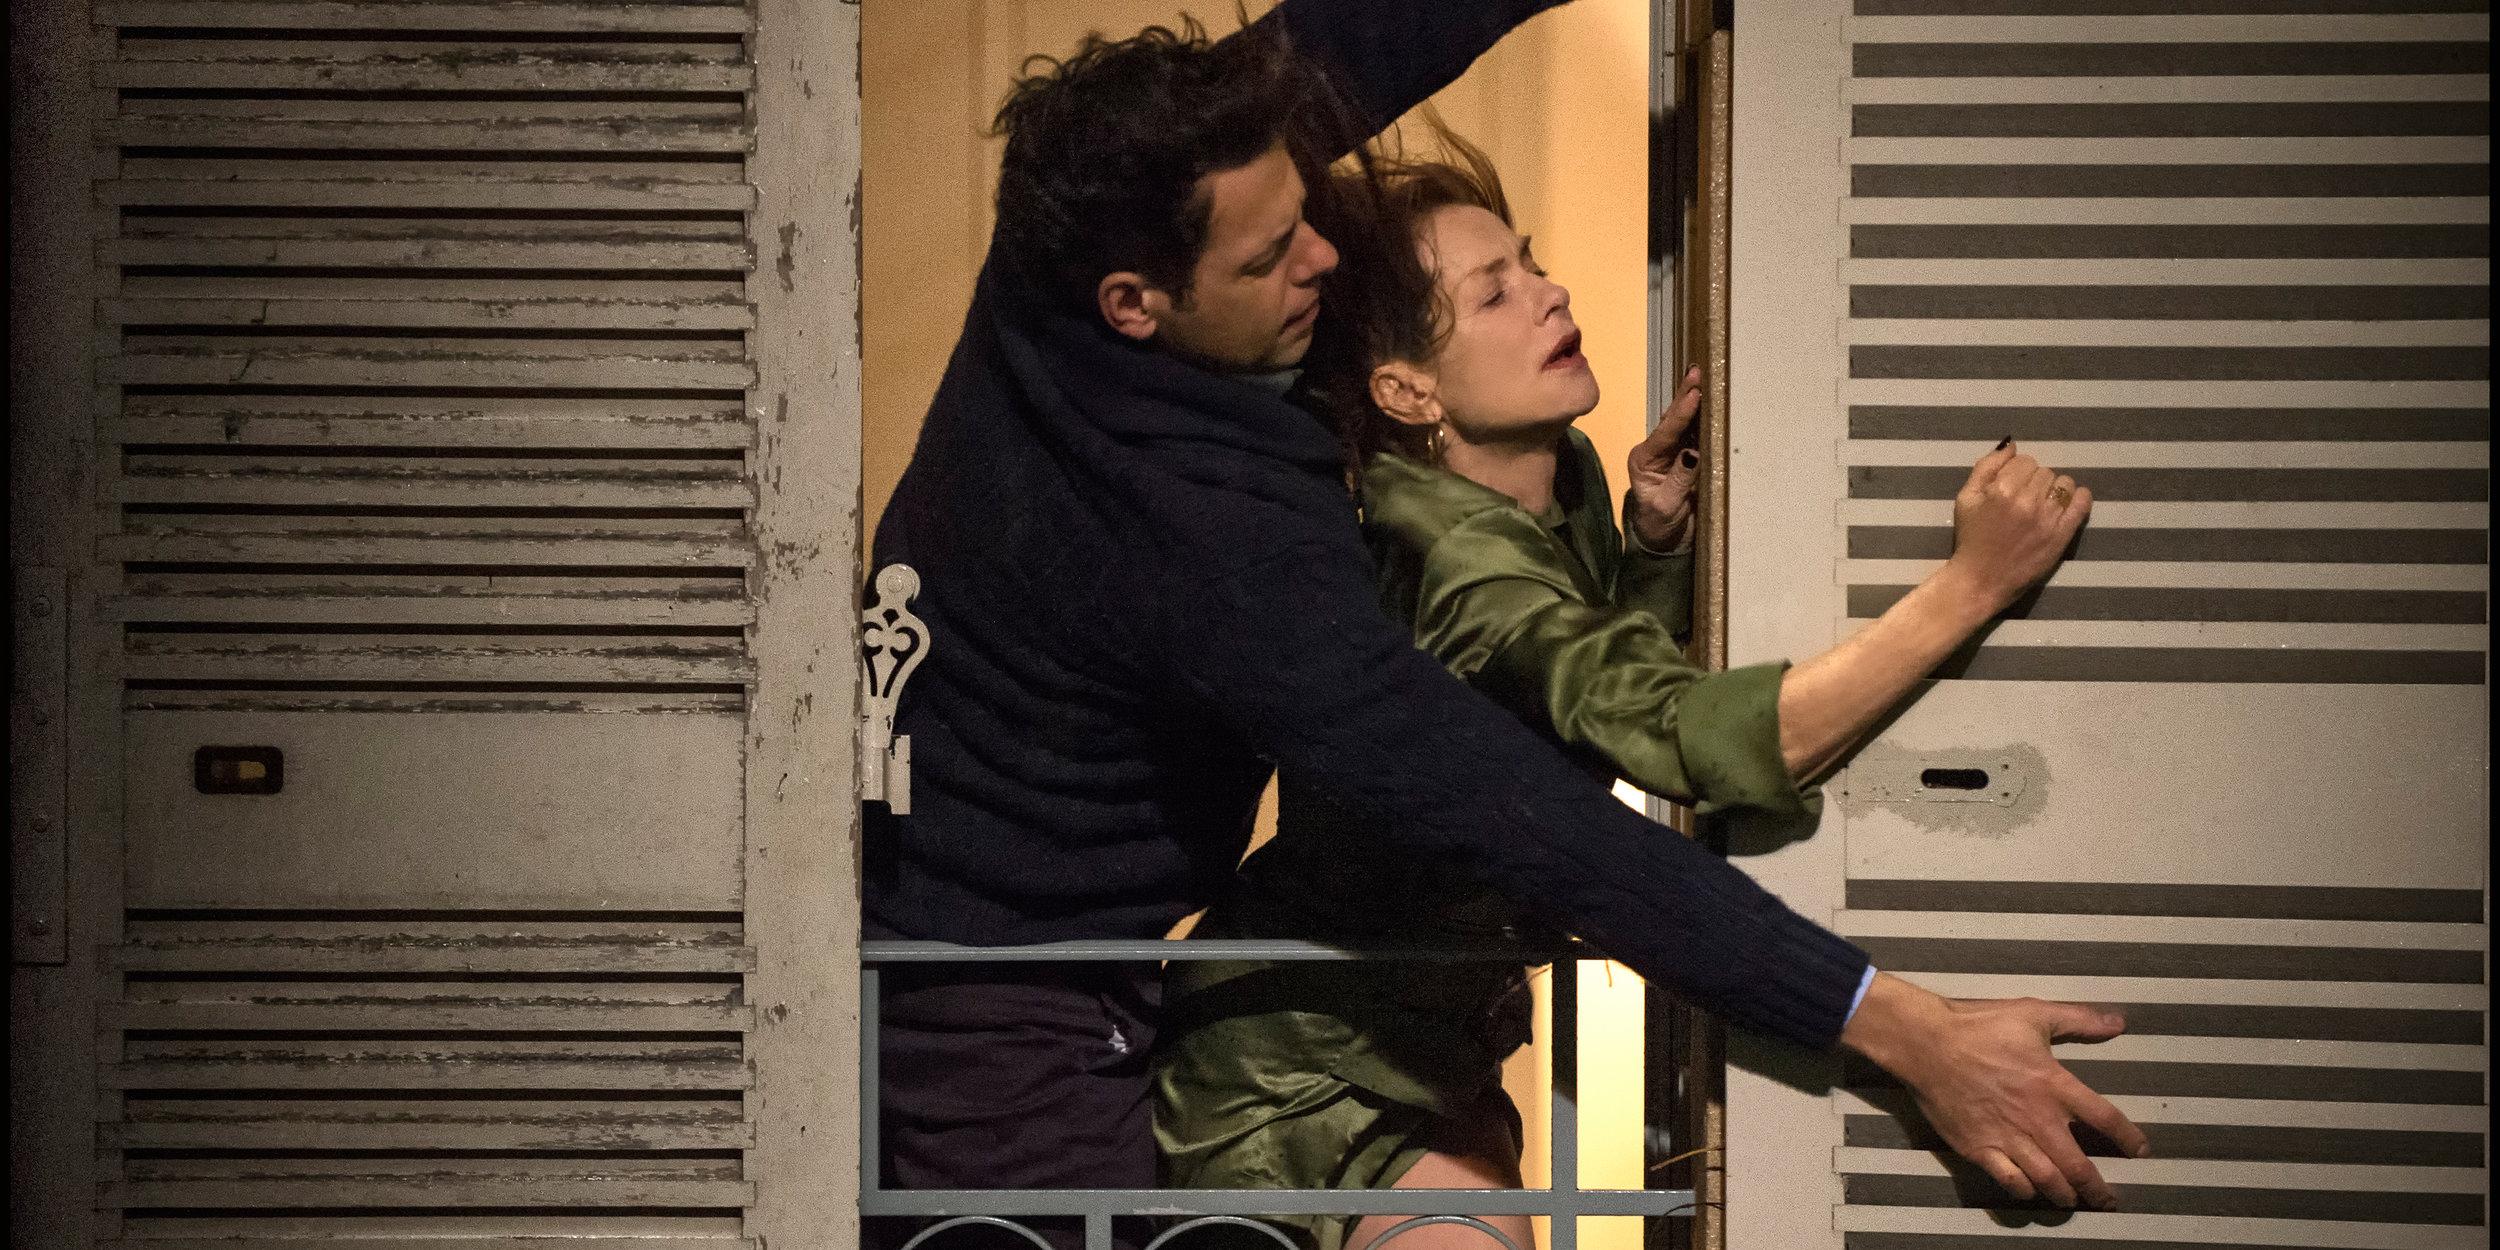 Den enslige   Michèle  (Isabelle Huppert) får hjelp av den tiltrekkende naboen til å lukke vinduslemmene i en storm.